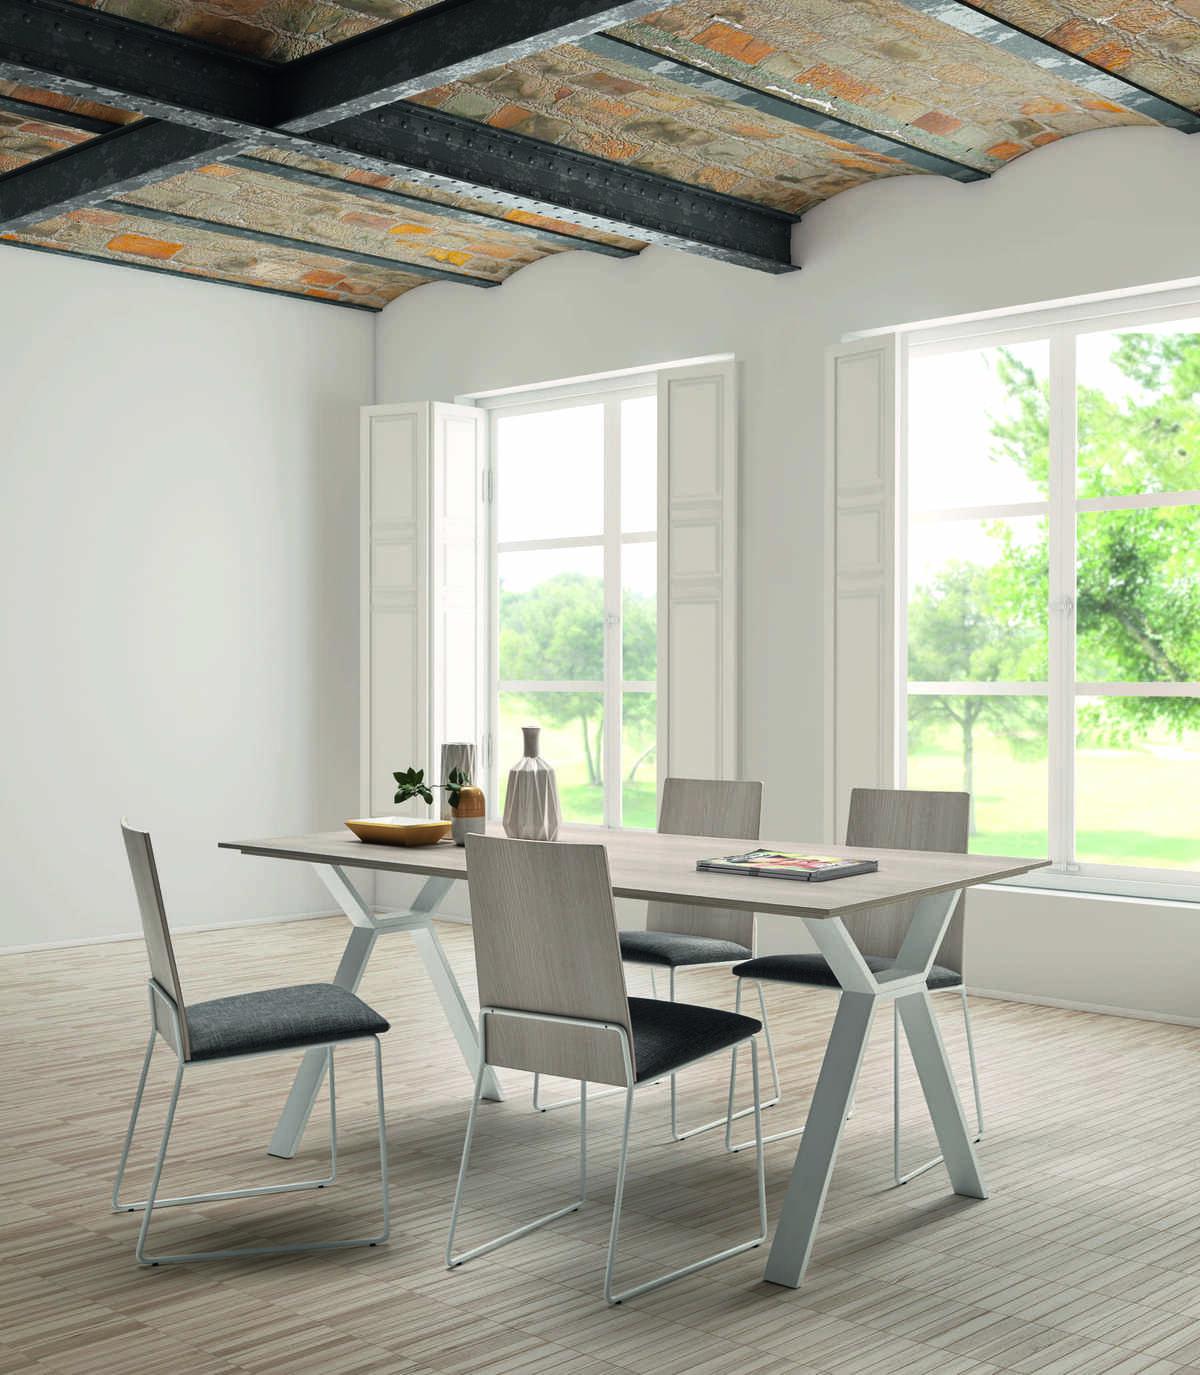 49 – Lleva a tu hogar este conjunto de sillas y mesa de tapa fina que contribuyen a crear un ambiente ligero y funcional donde disfrutar de distendidos momentos. mesa desde 120 a 200 x 76 x 90 cm. silla 48 x 89 x 51 cm.